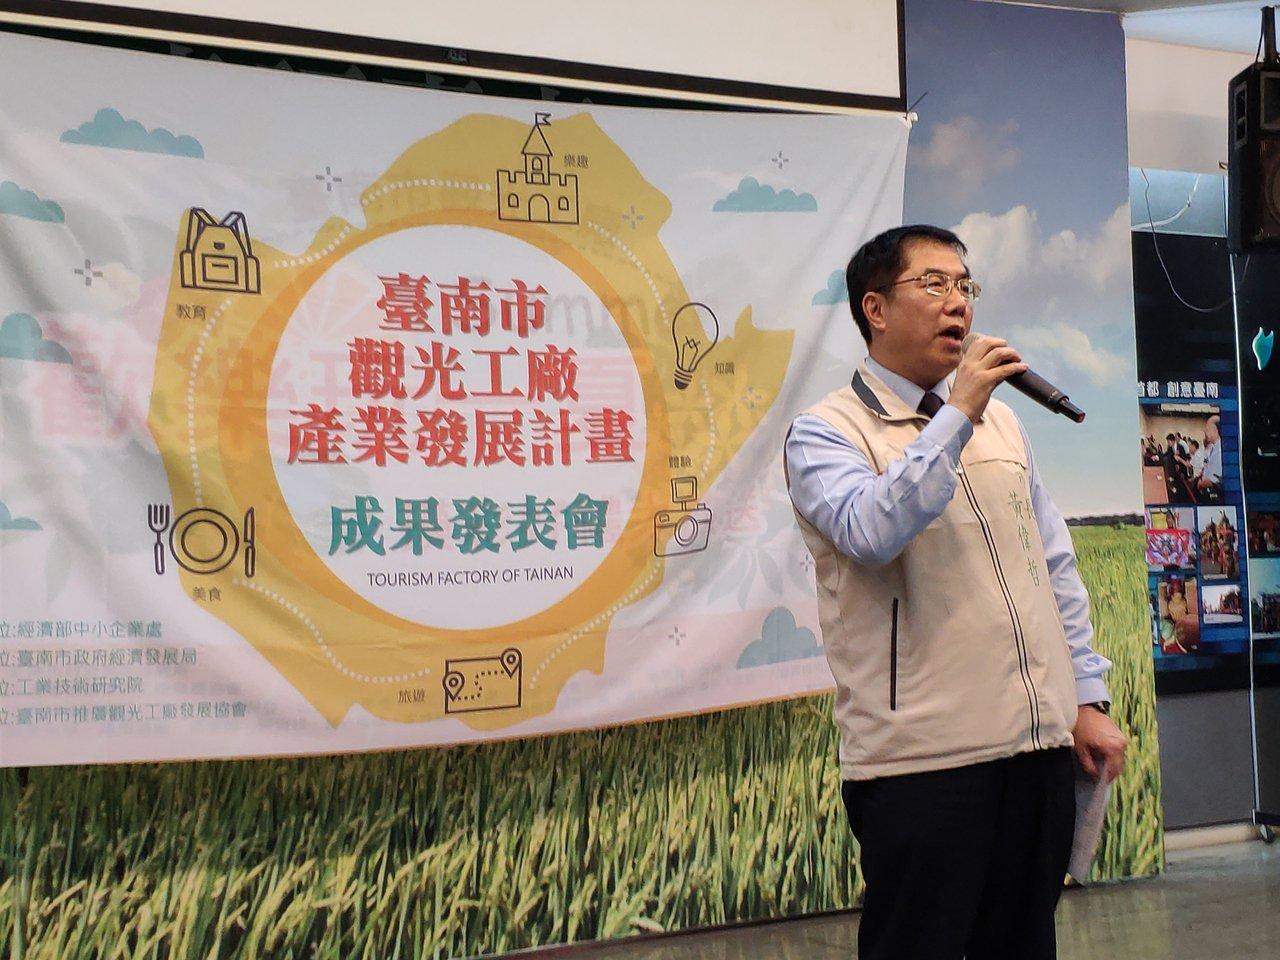 台南市長黃偉哲強調,感謝兩位前市長賴清德、李孟諺過去支持觀光工廠辛苦播種,現已到...